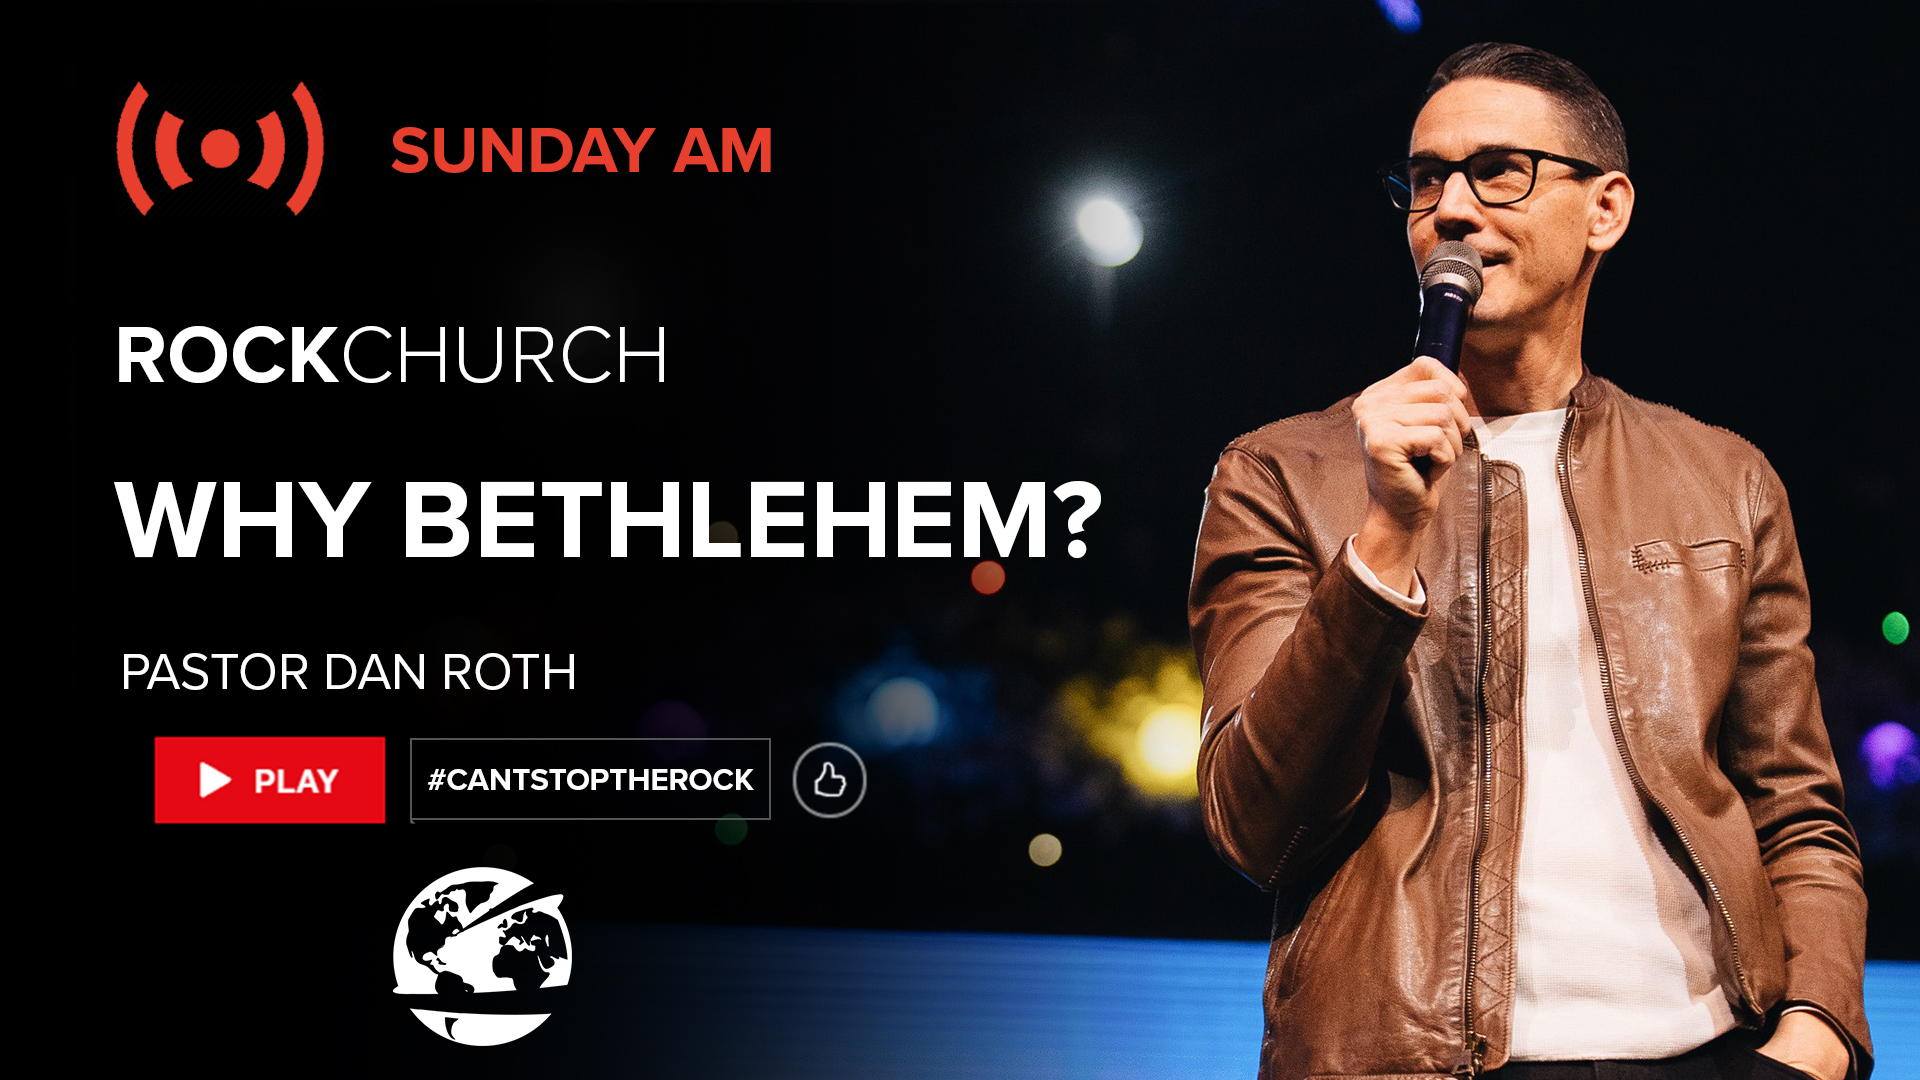 Watch Why Bethlehem?